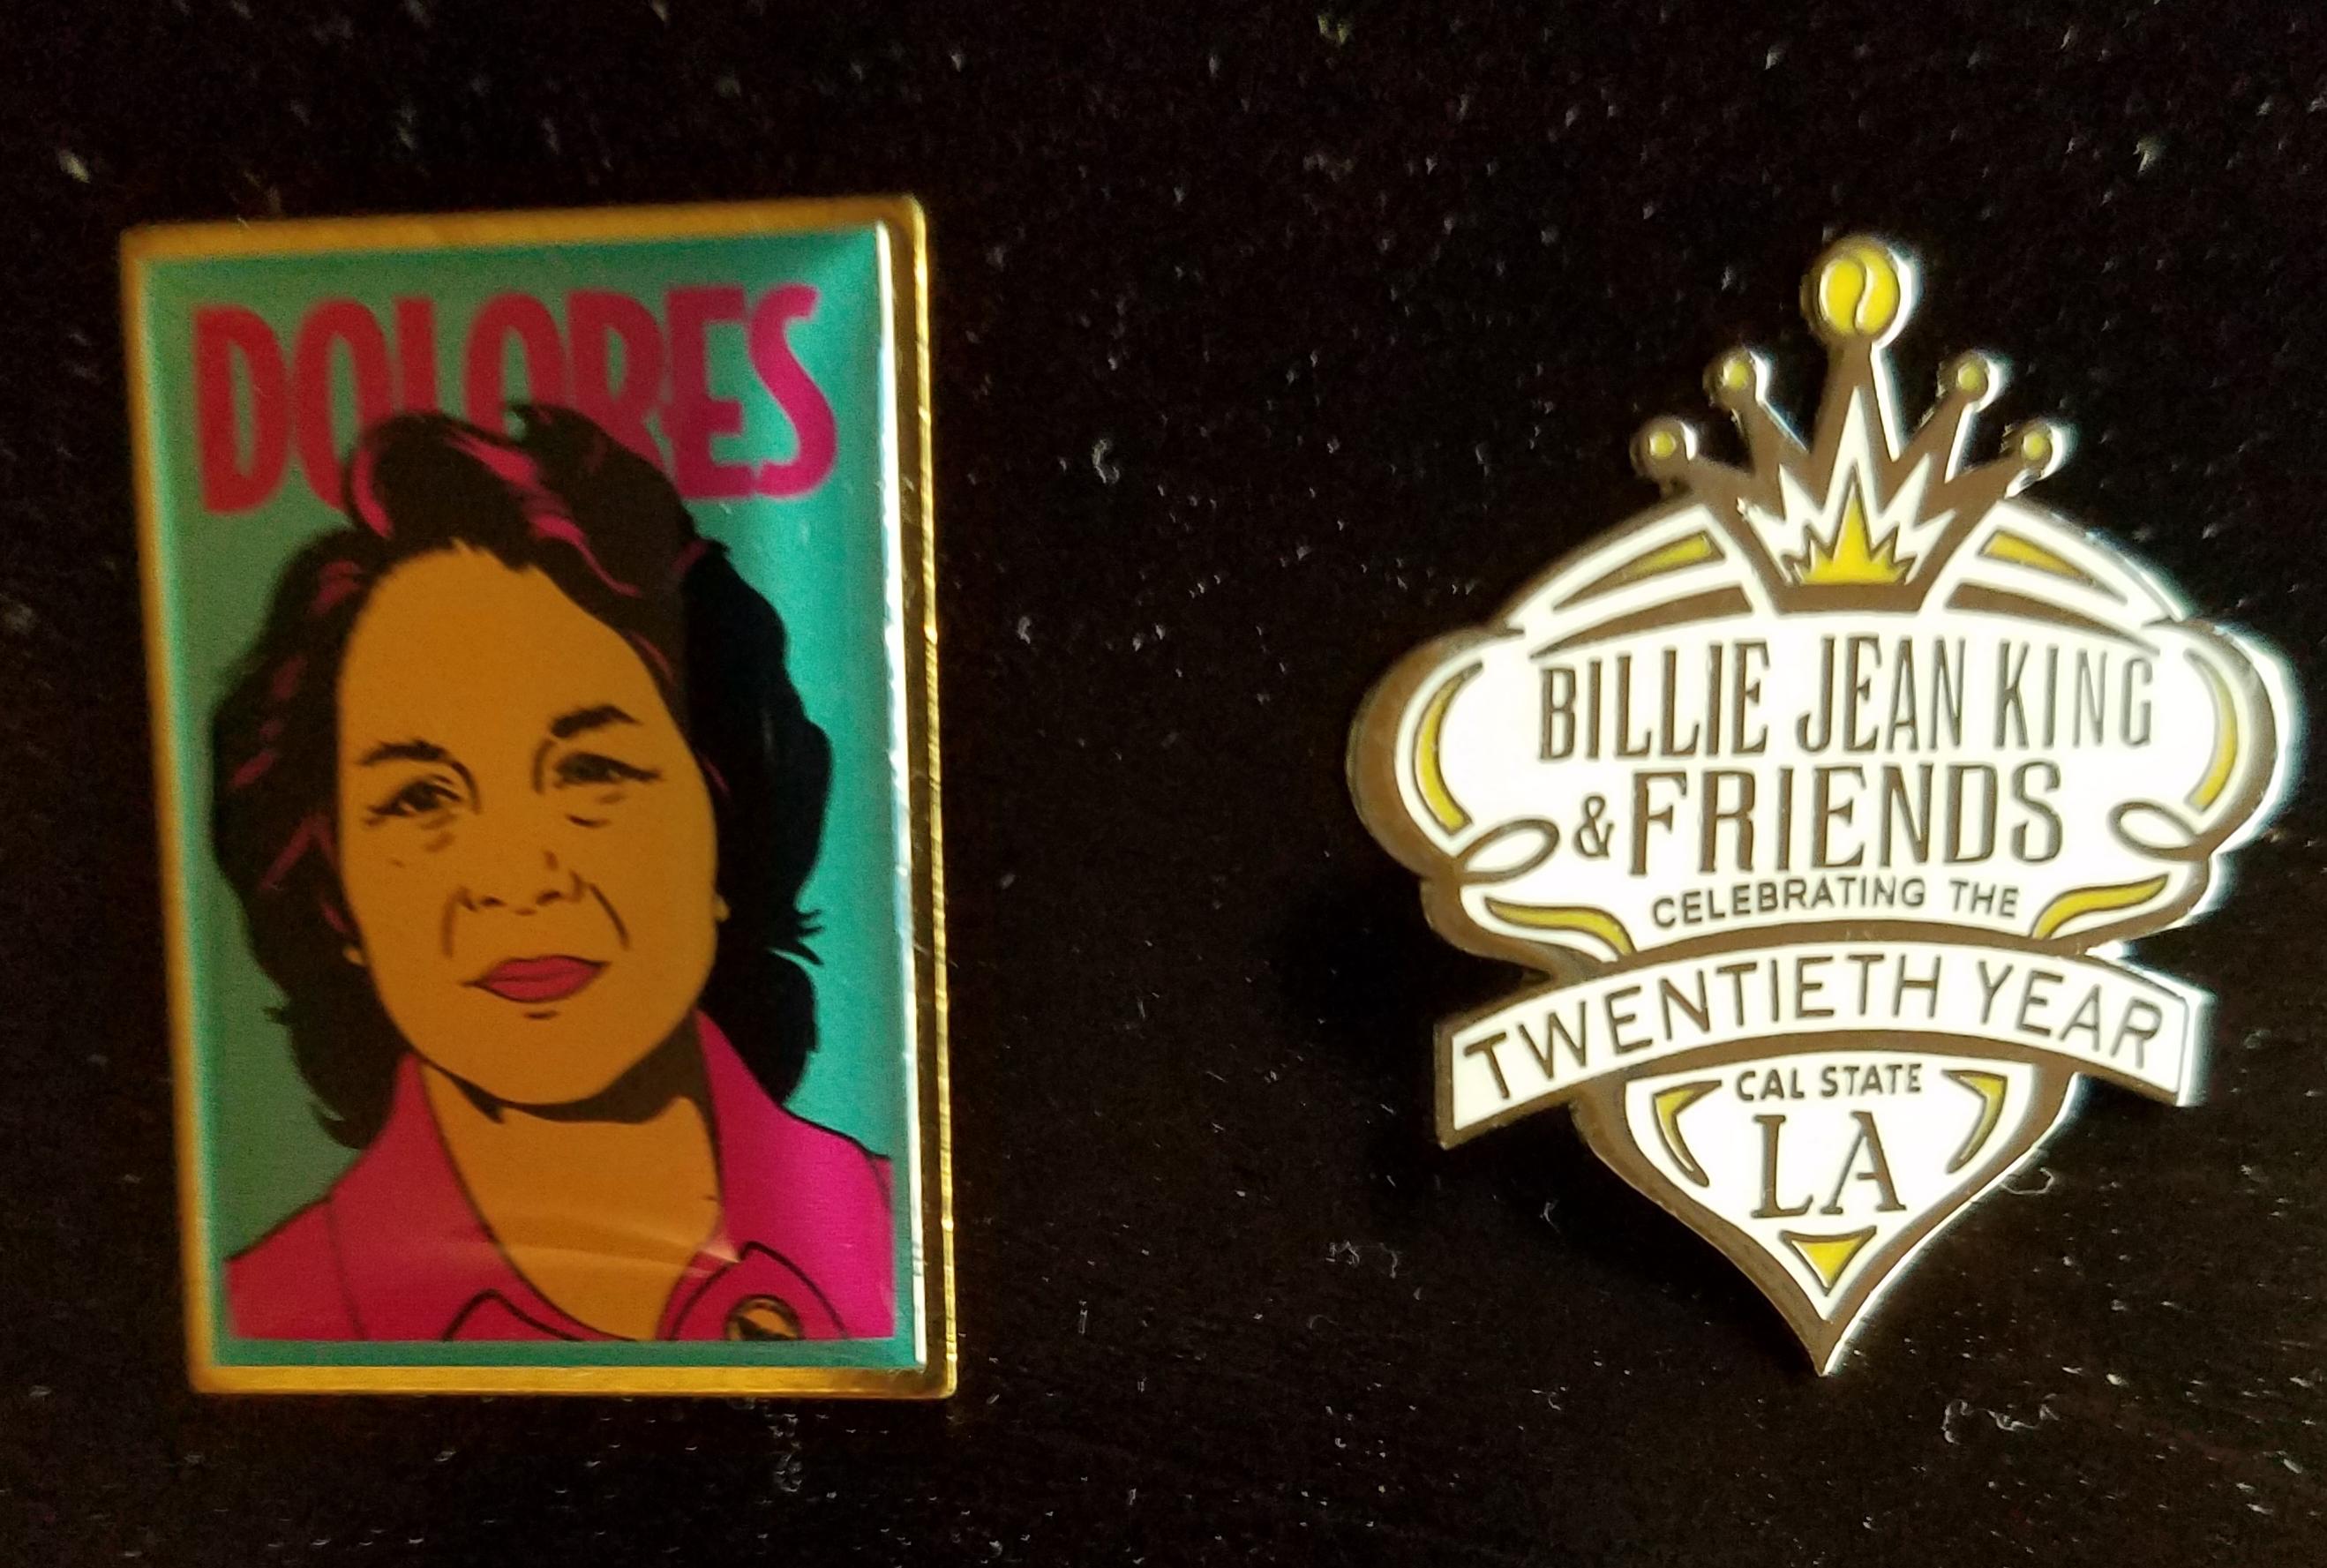 Billie Jean King & Friends Awards